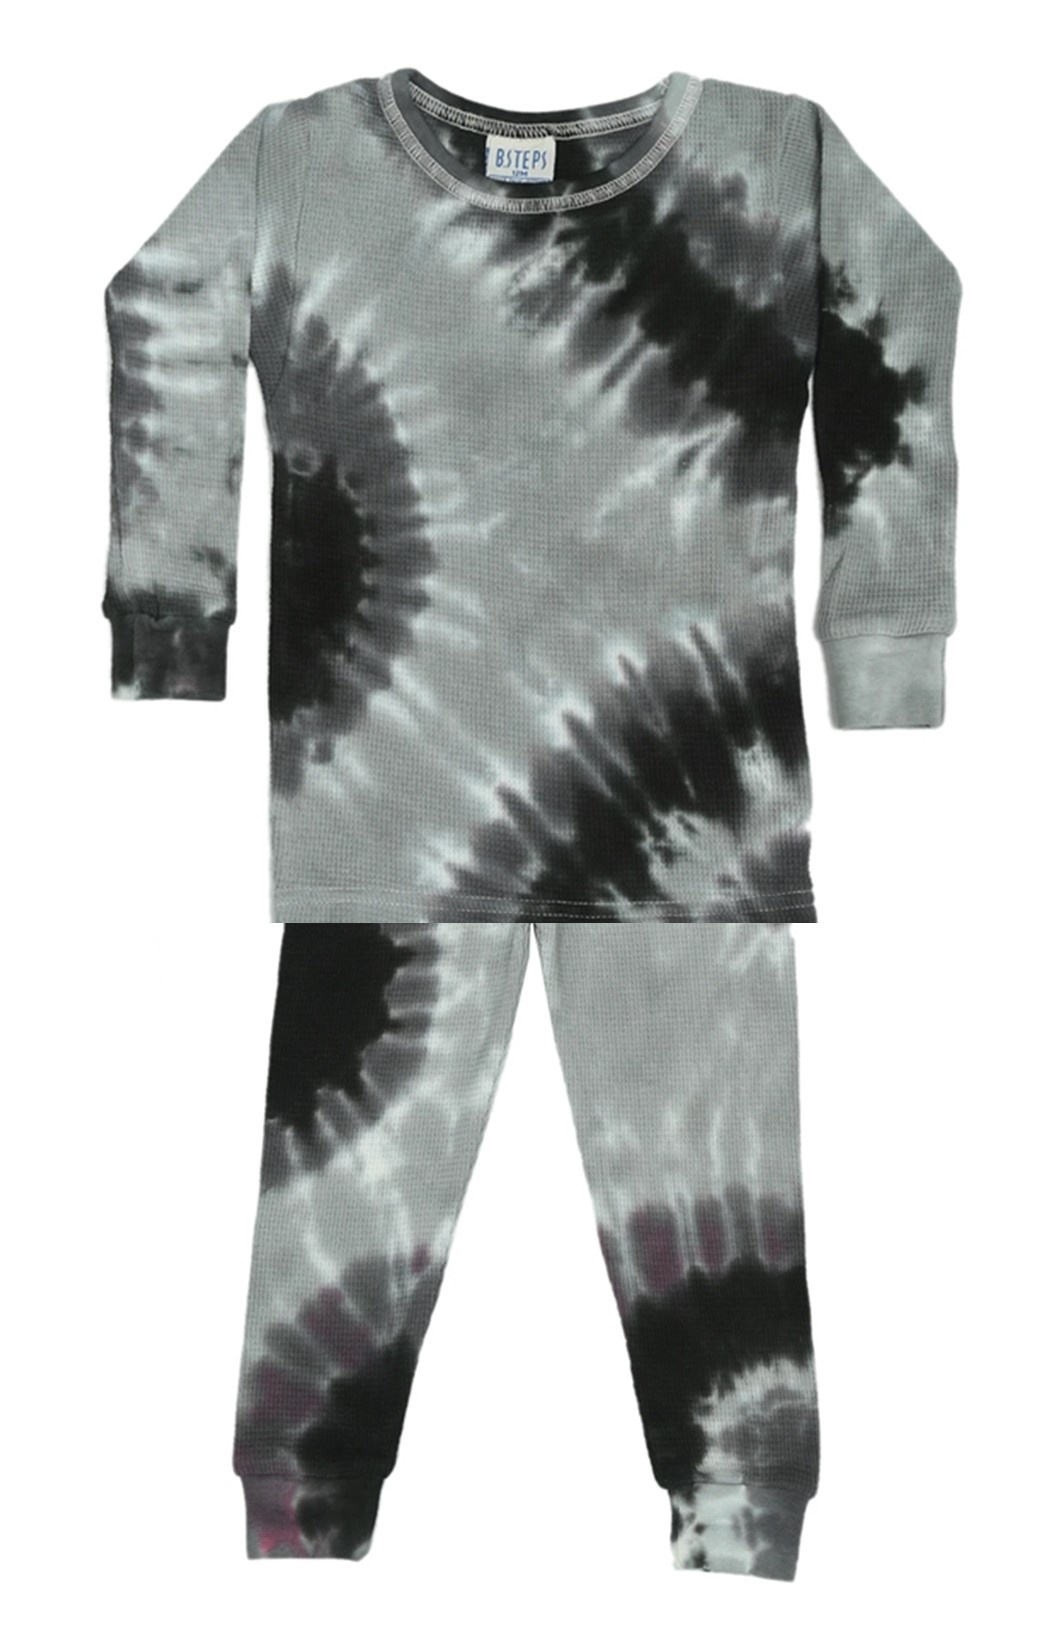 Baby Steps Stormy Tie Dye Thermal PJ Set